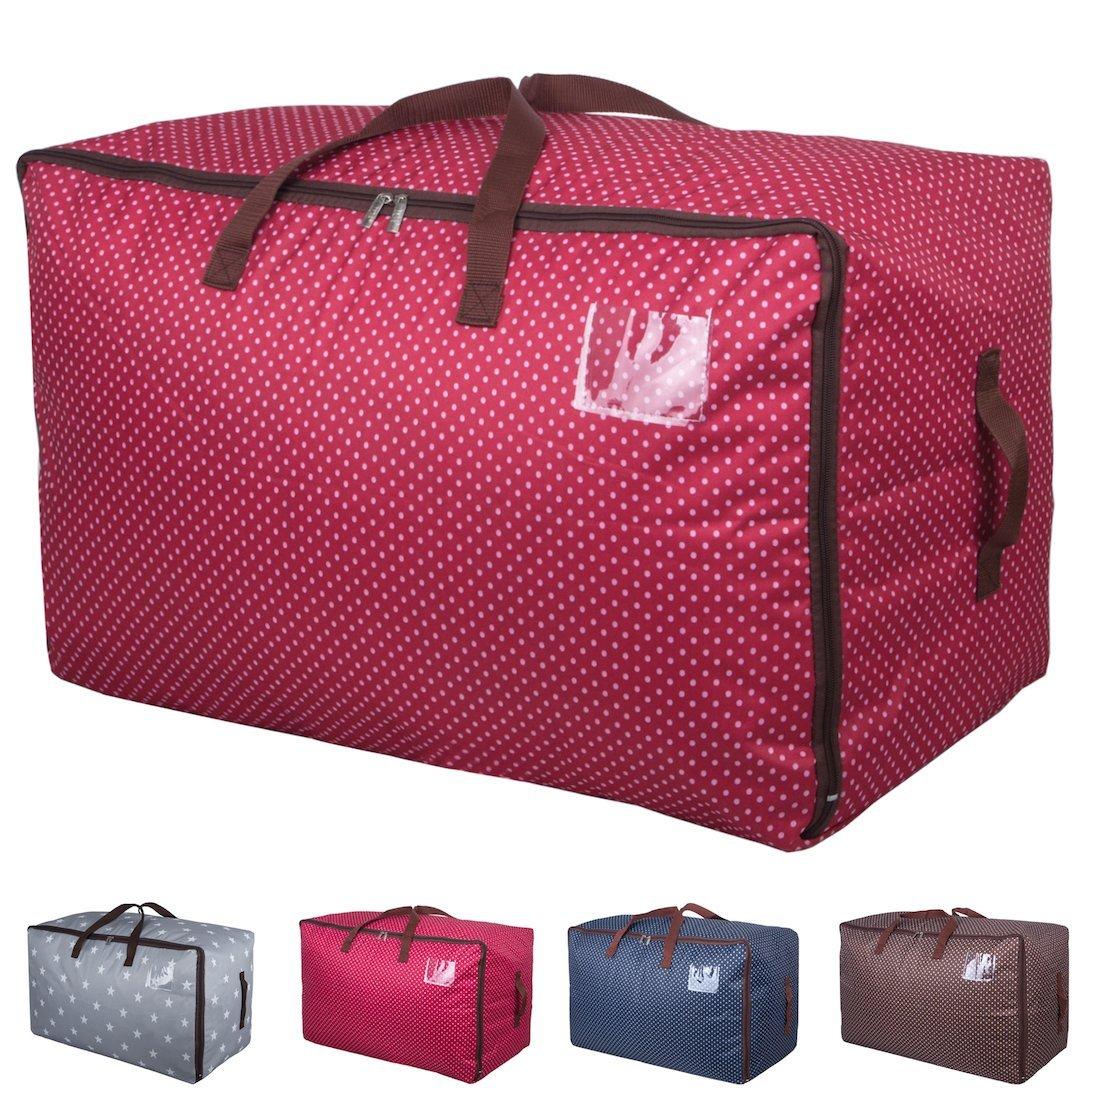 ... 4a7136ef-6741-43d5-b030-1fb149b4ea77.jpg ...  sc 1 st  Alexnld.com & Honana HN-QB02 50L/72L/100L Large Storage Bag Fabric Clothes Bag ...